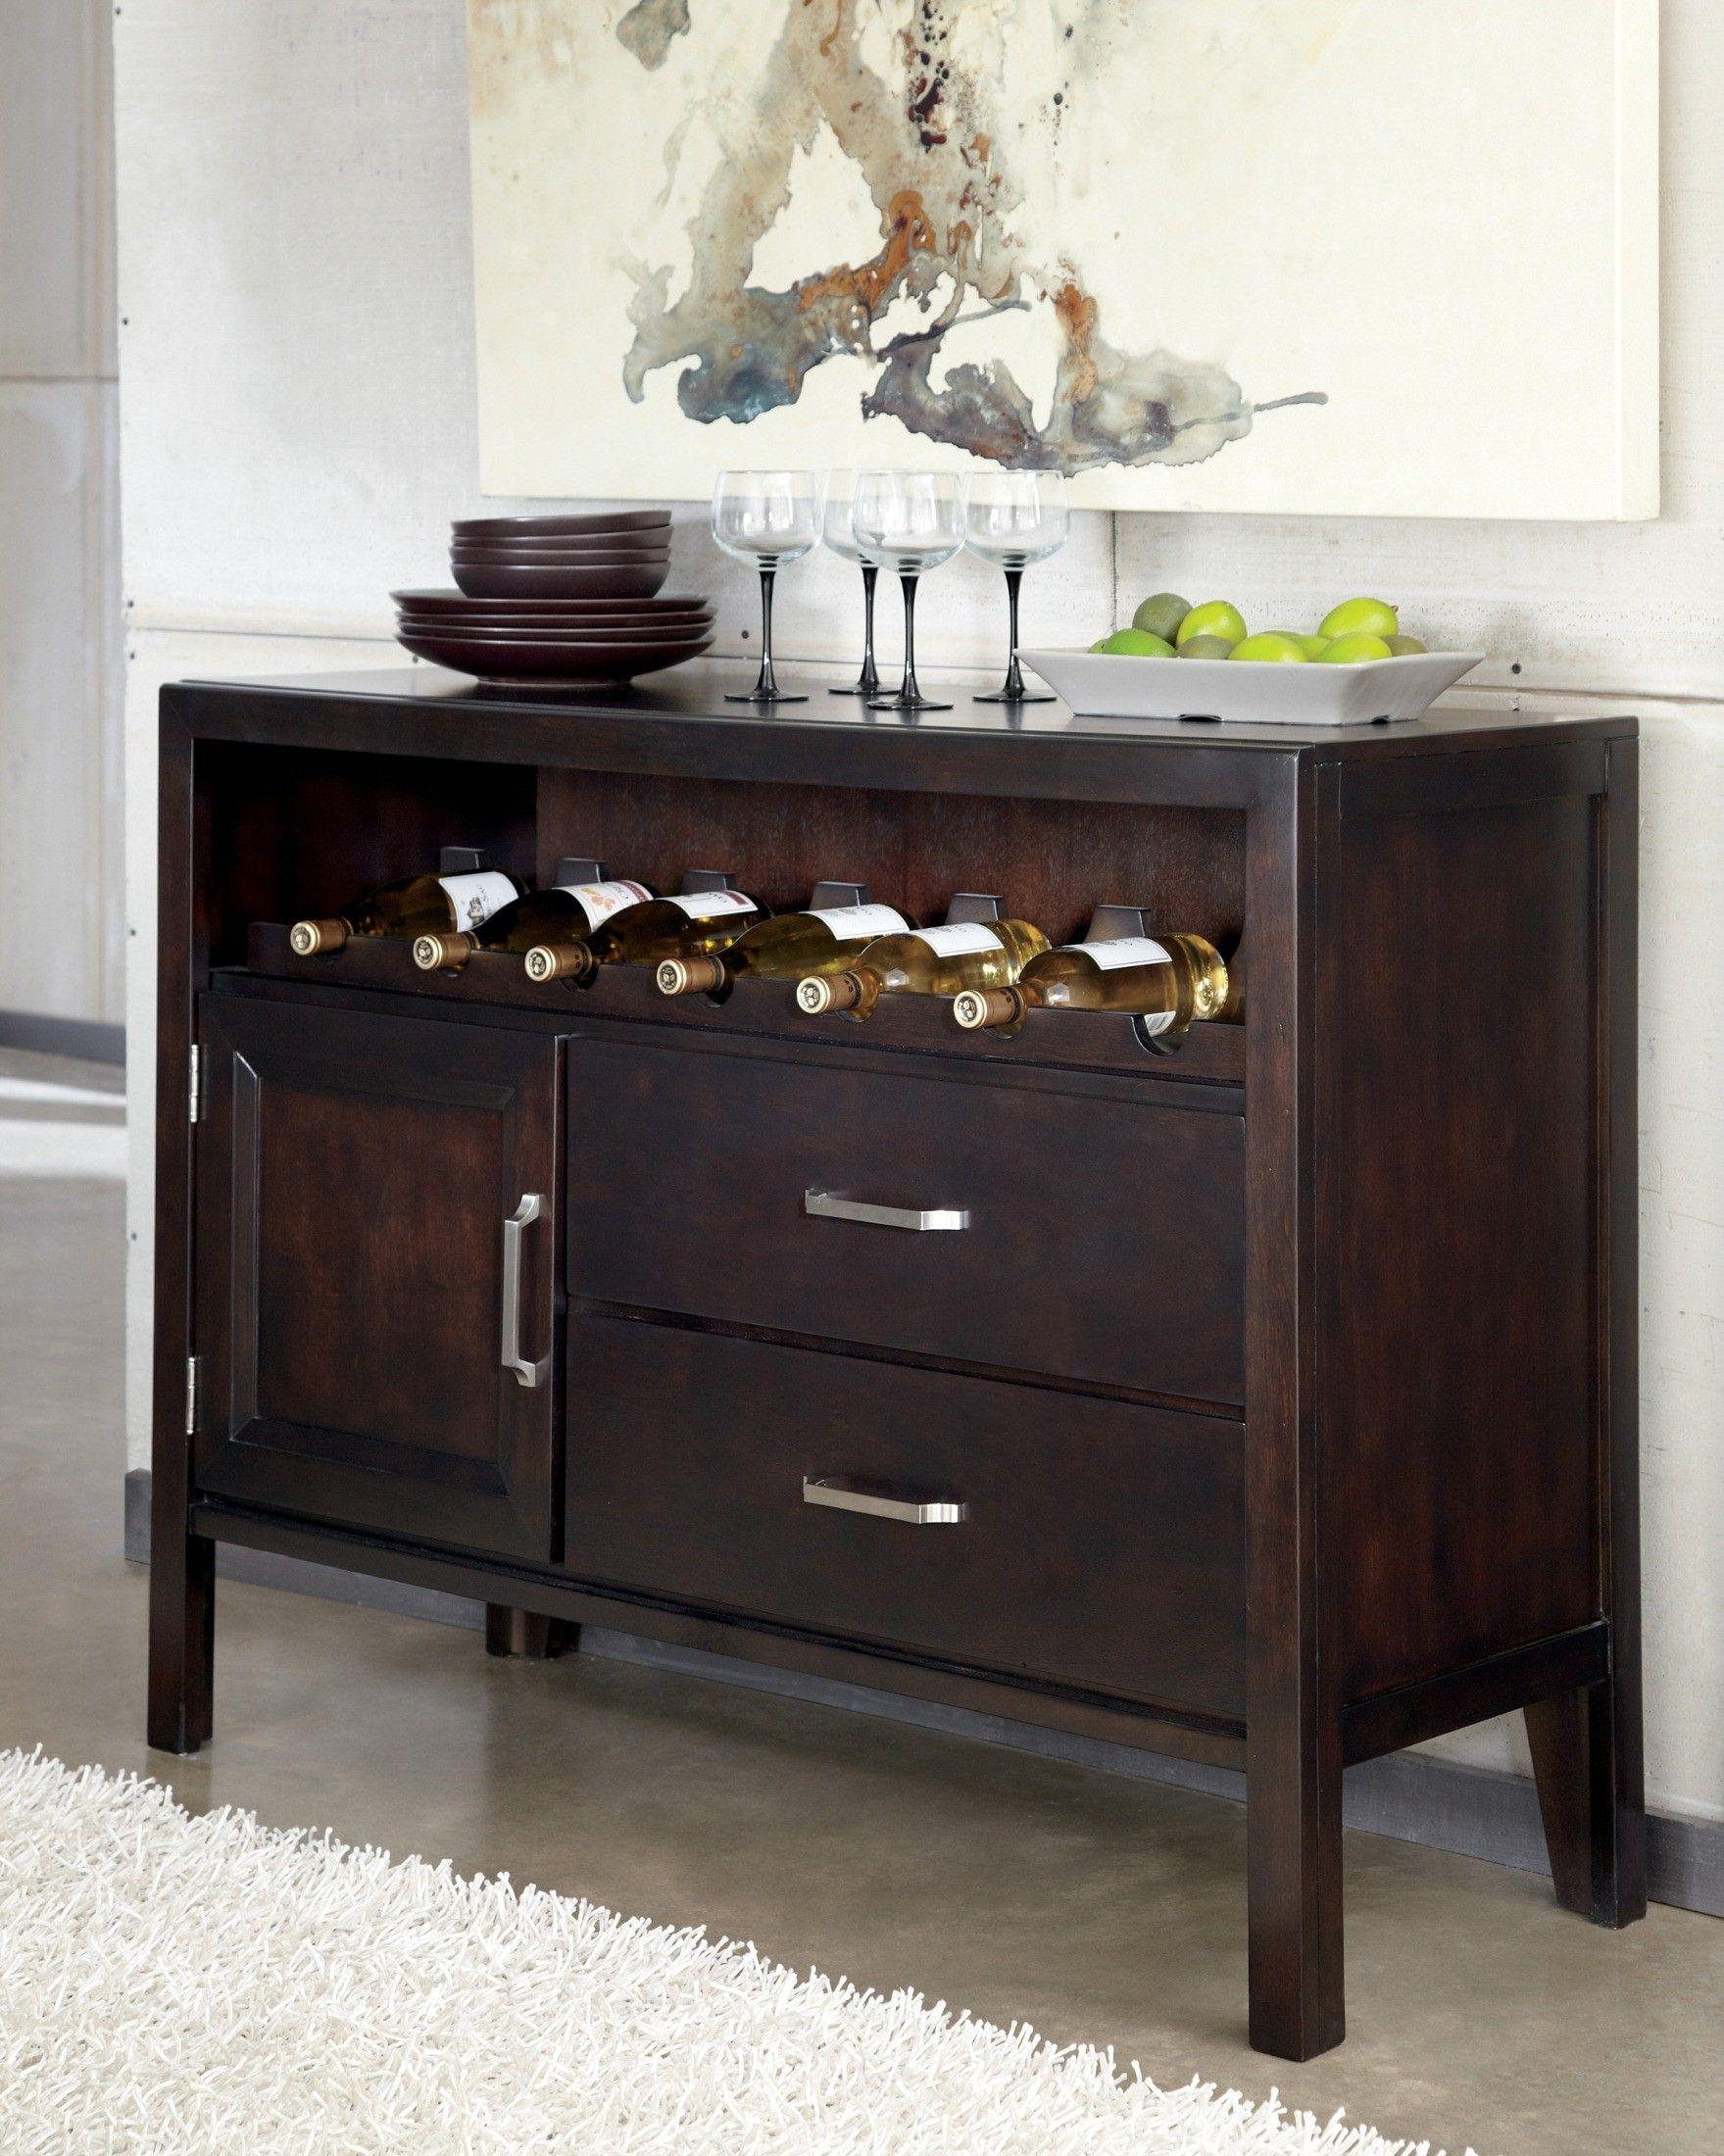 Trishelle Dining Room Server D550 59 Ashley Furniture 555